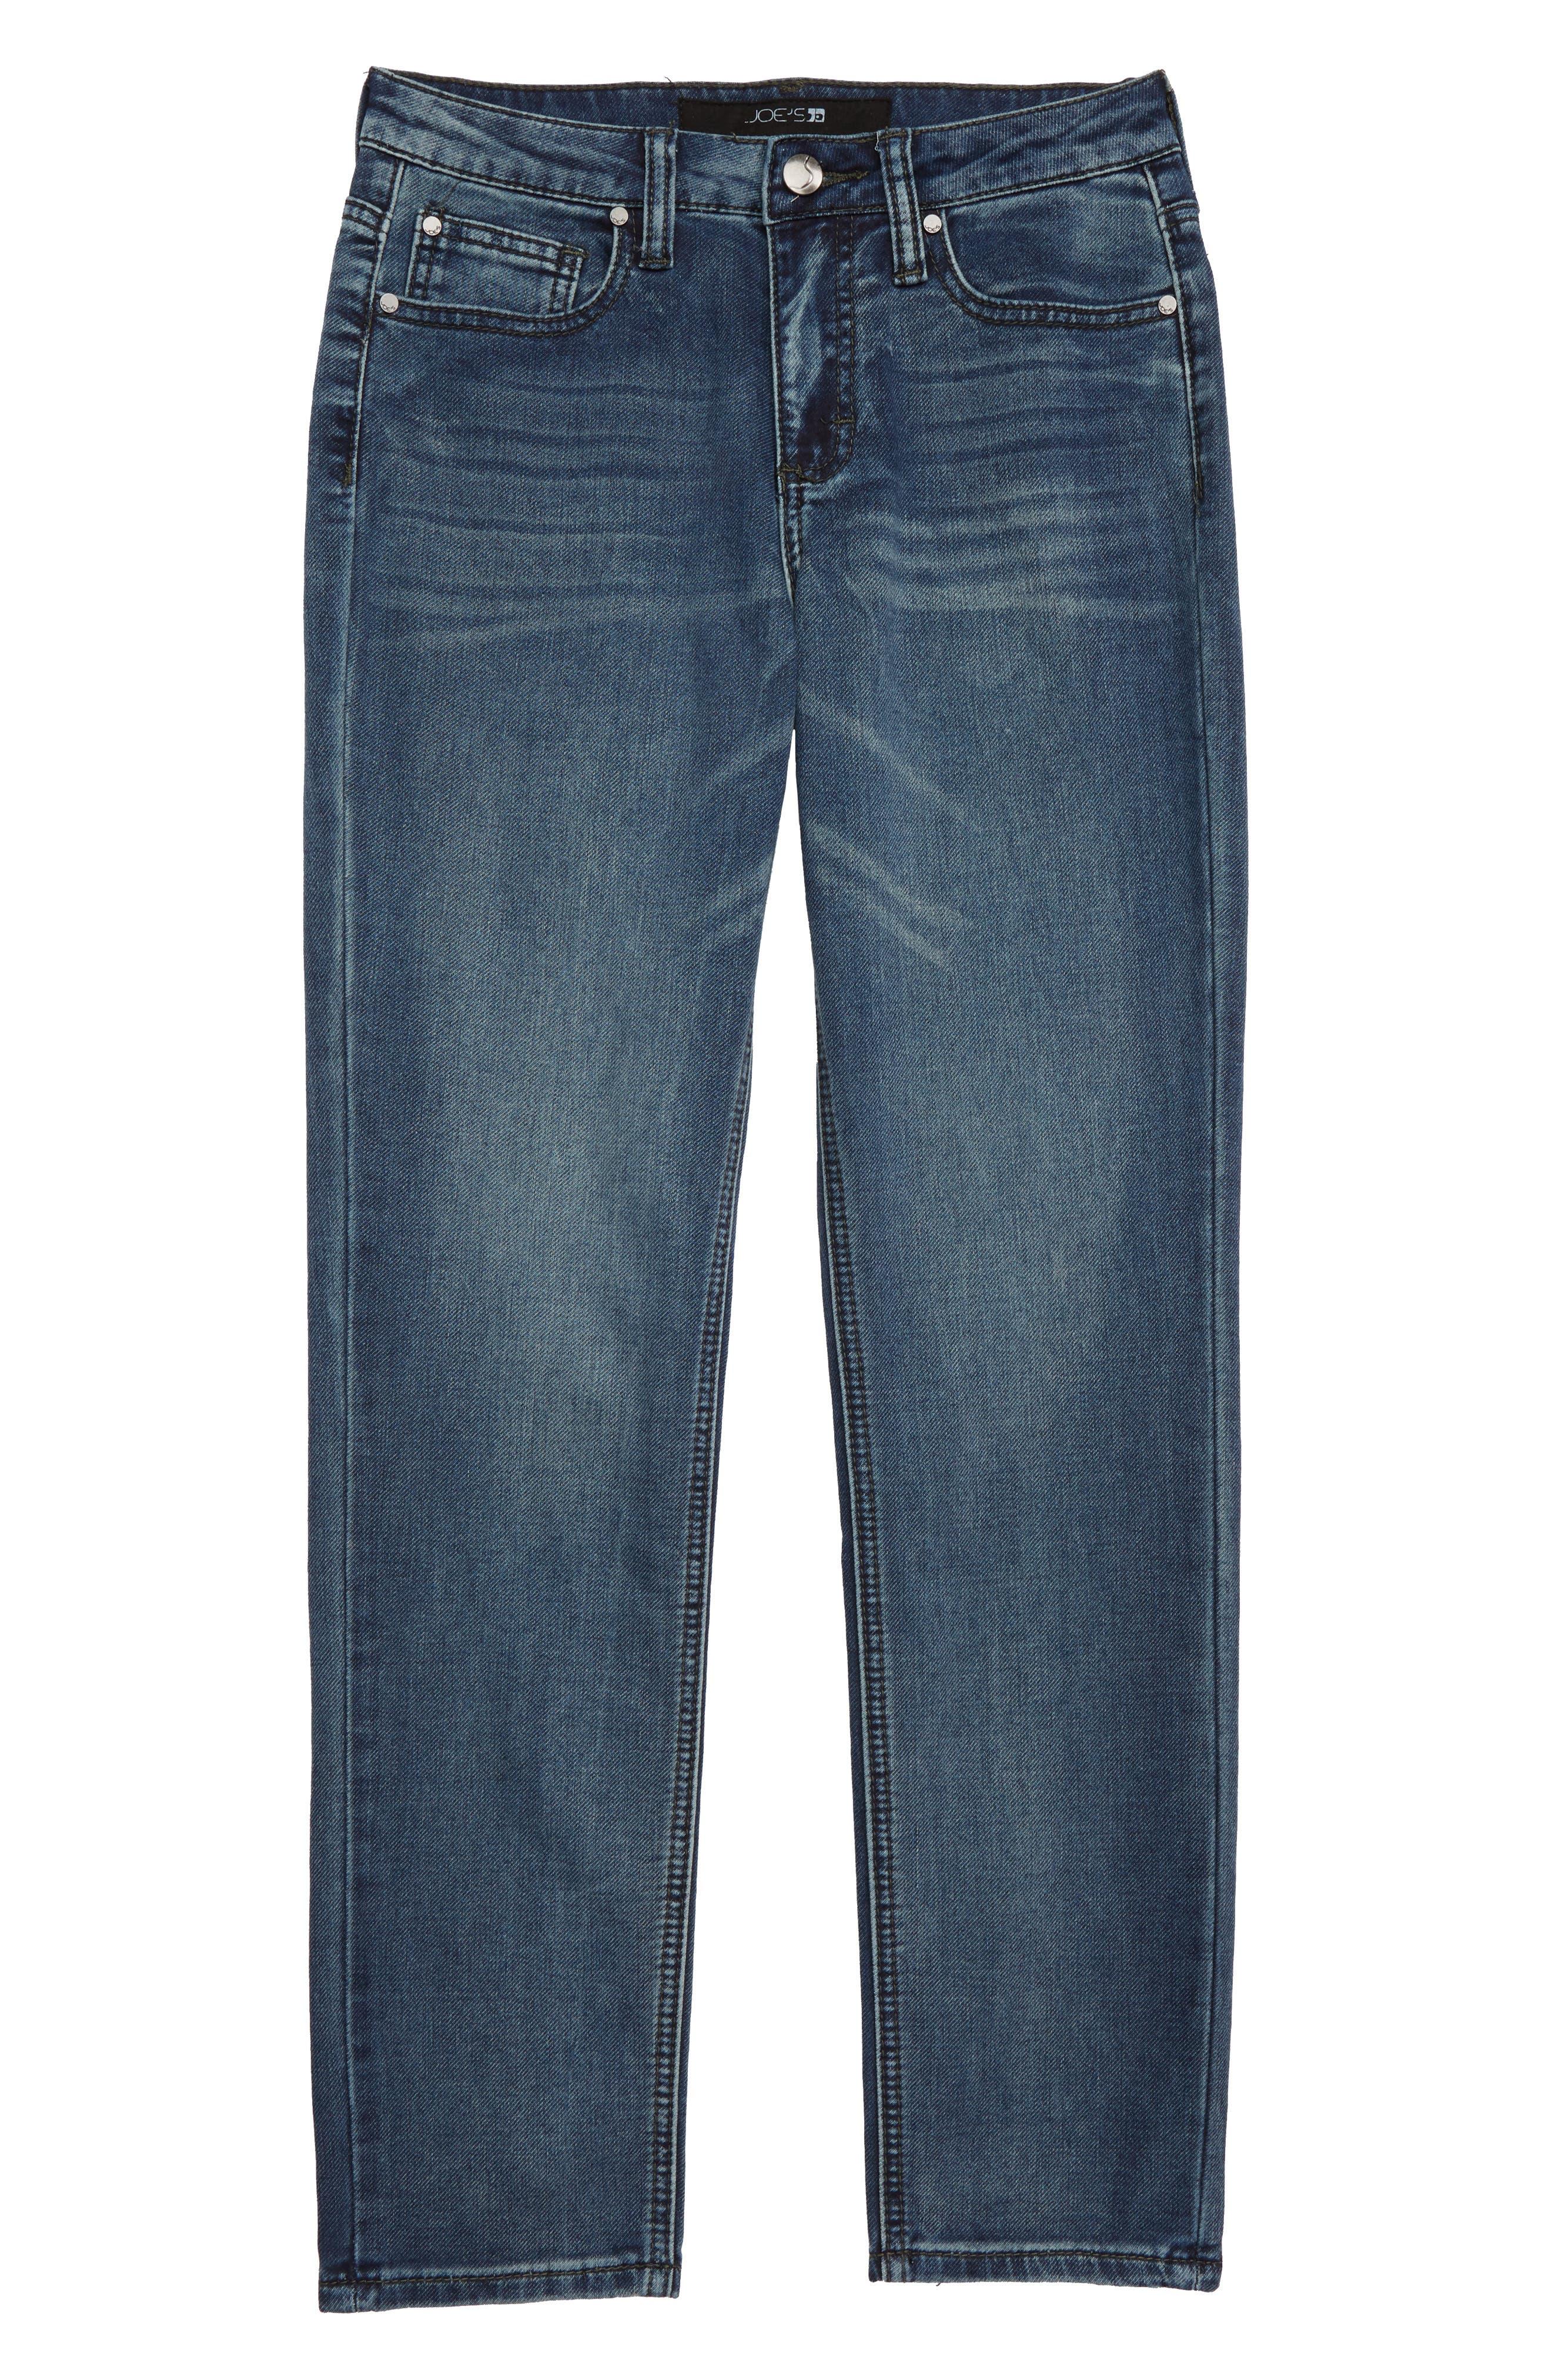 Boys Joes Brixton Straight Leg Jeans Size 16  Blue